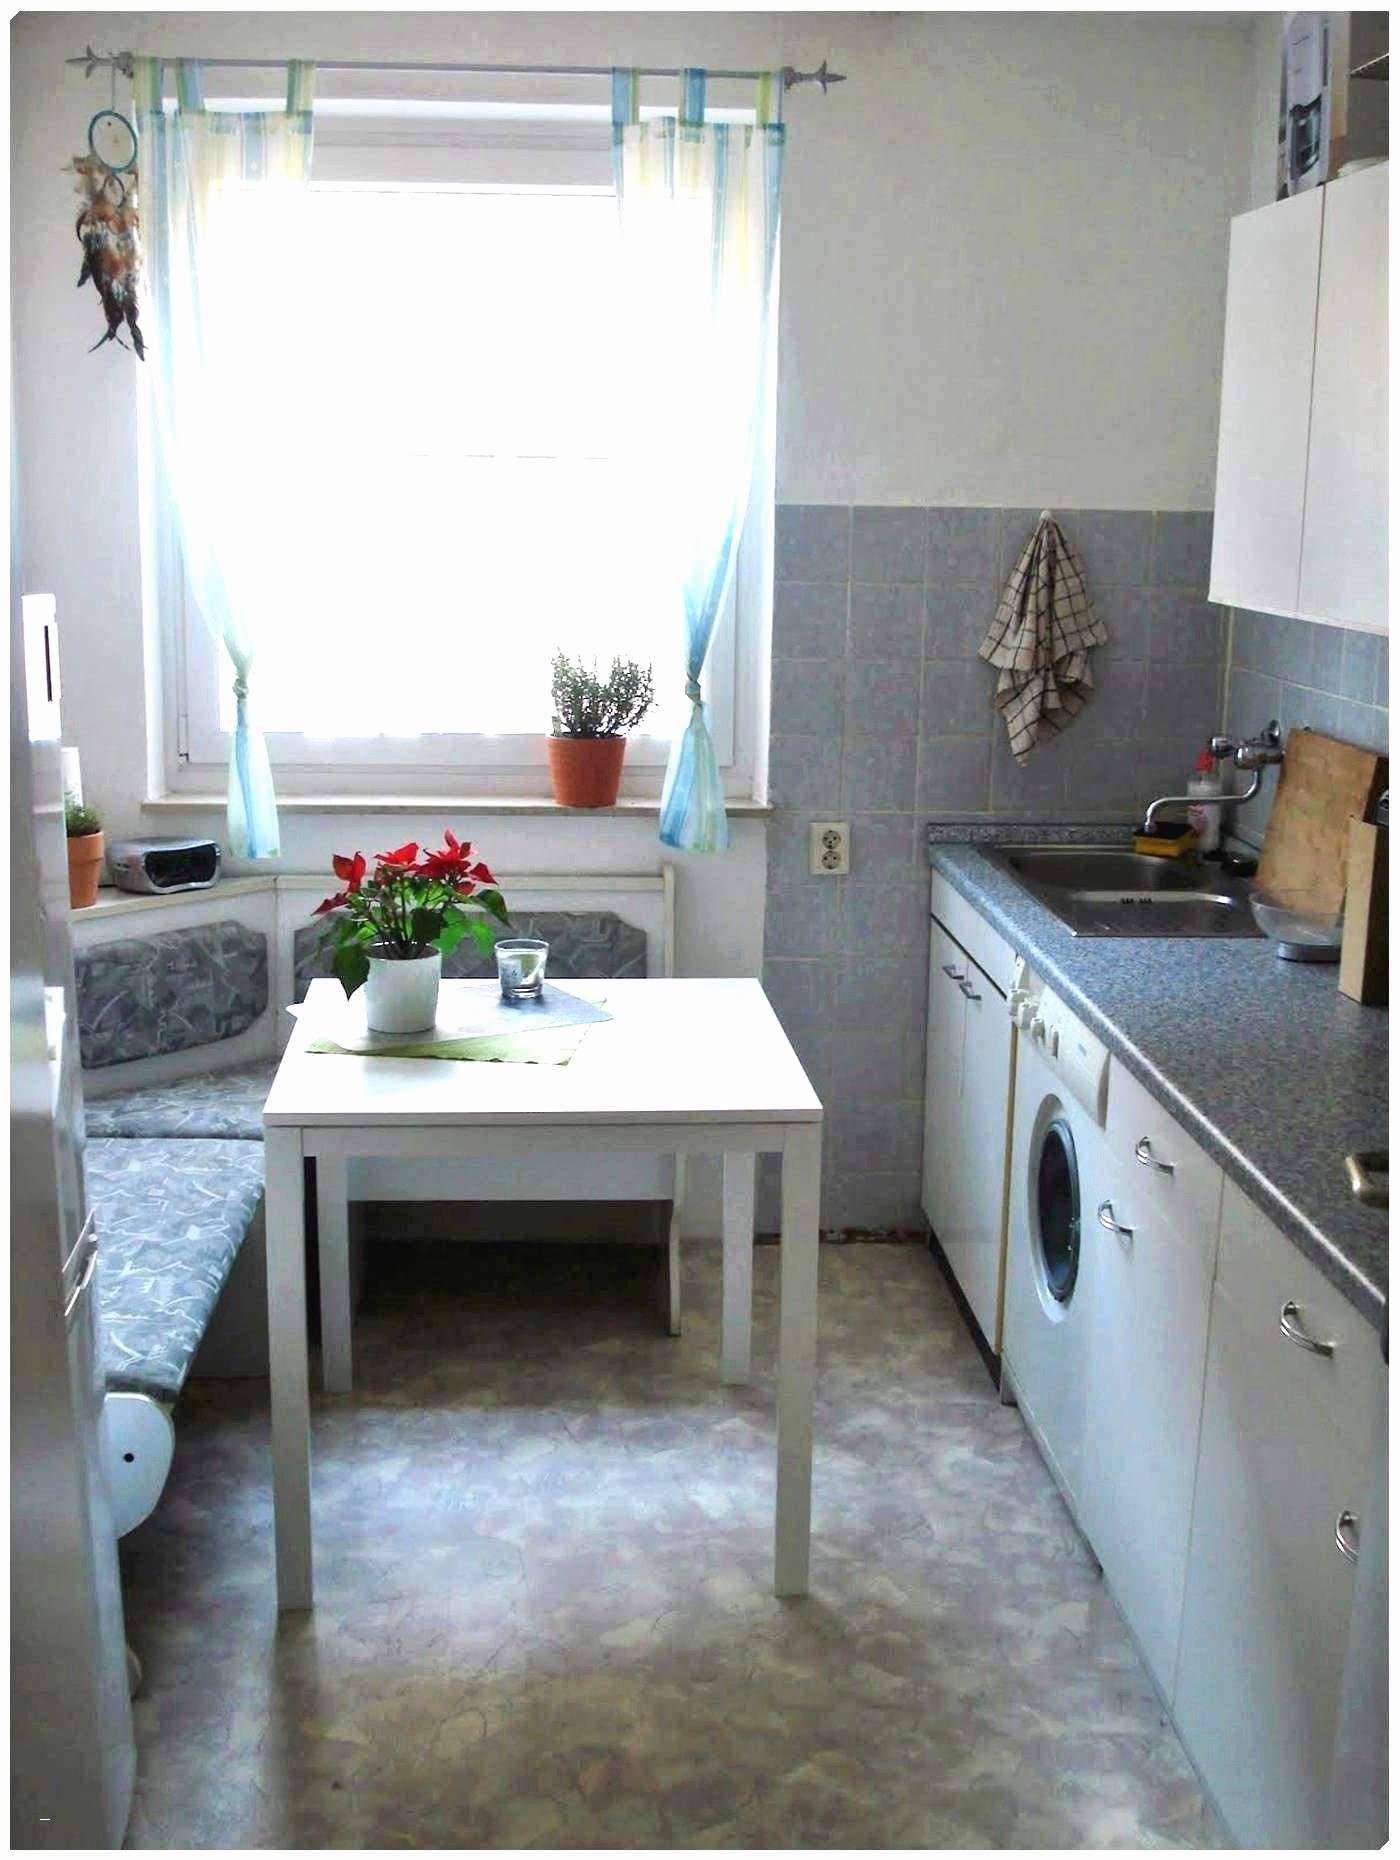 wohnzimmer dekoration das beste von elegant wohnzimmer deko home ideen of wohnzimmer dekoration